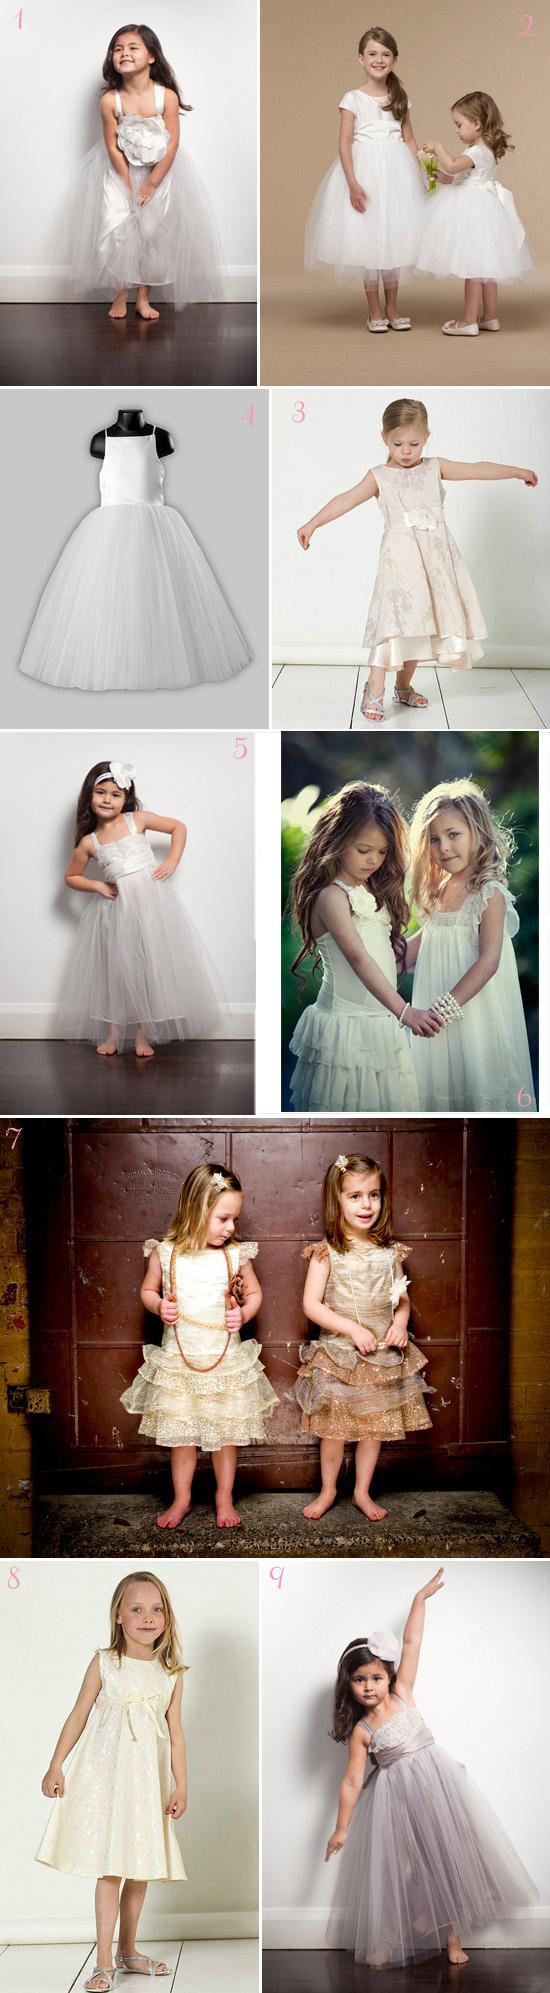 Flower Girl Dresses2 Fluffy Flowergirl Dresses